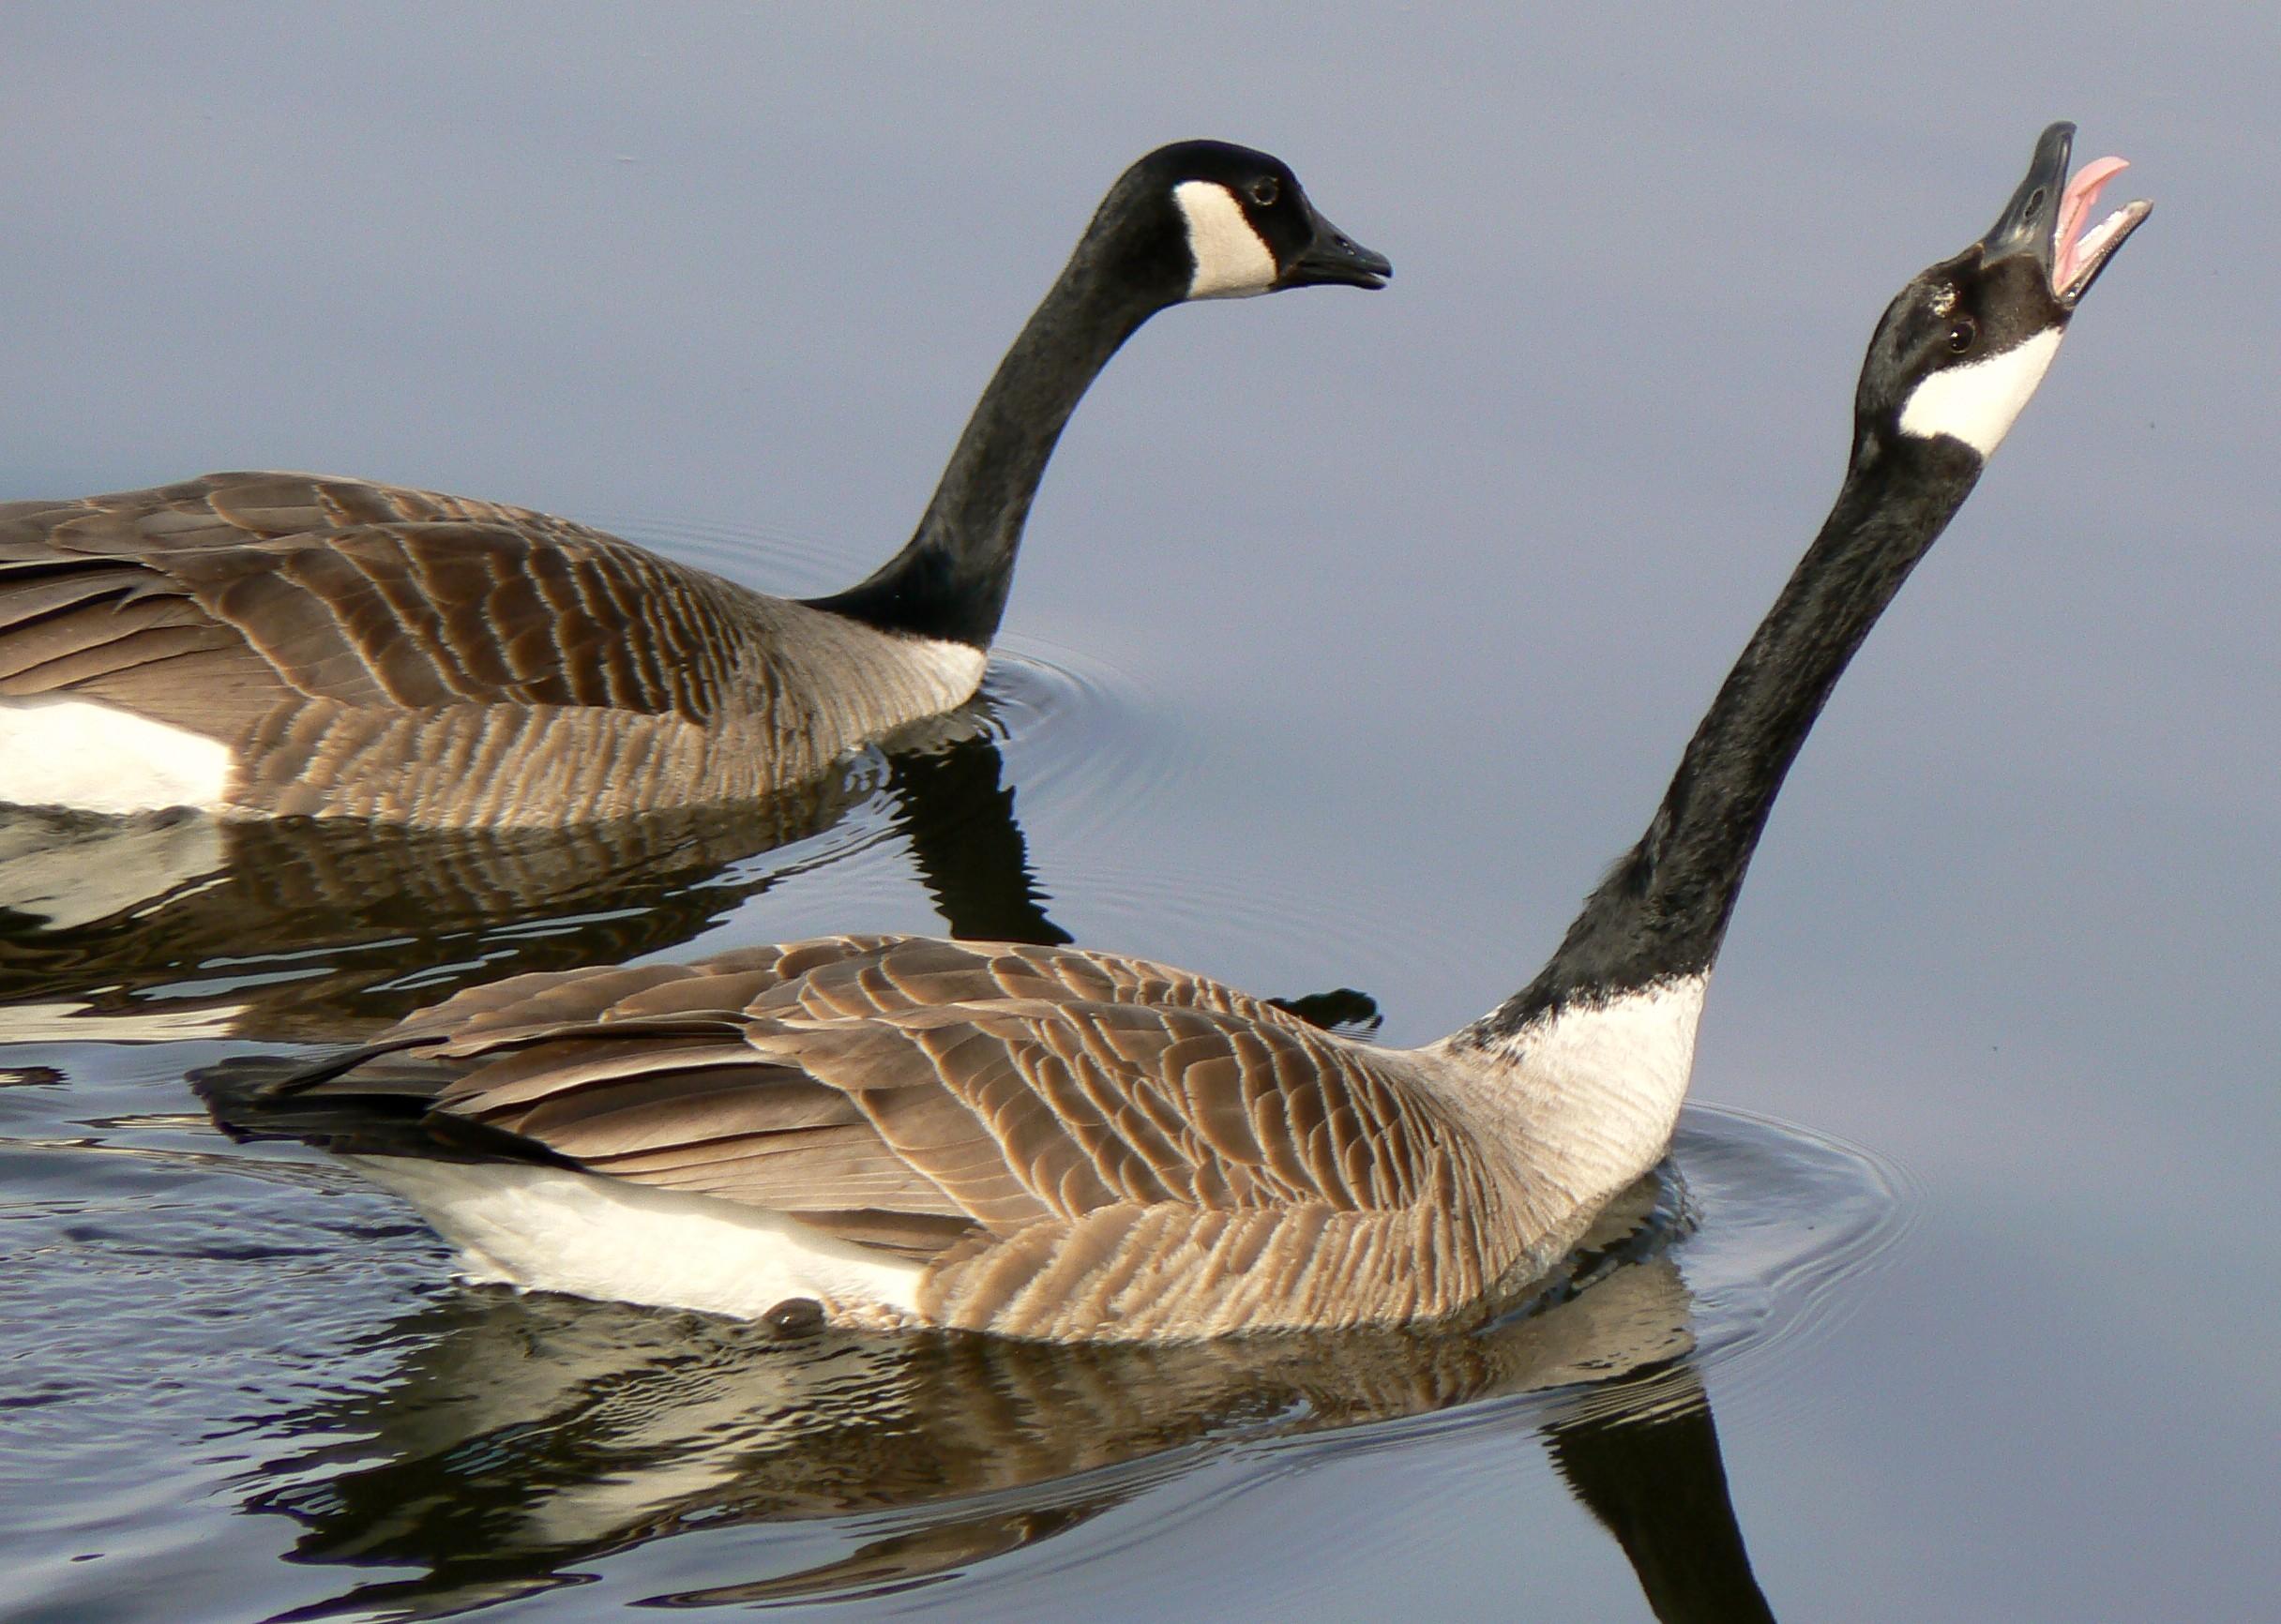 Description canada goose mating ritual2